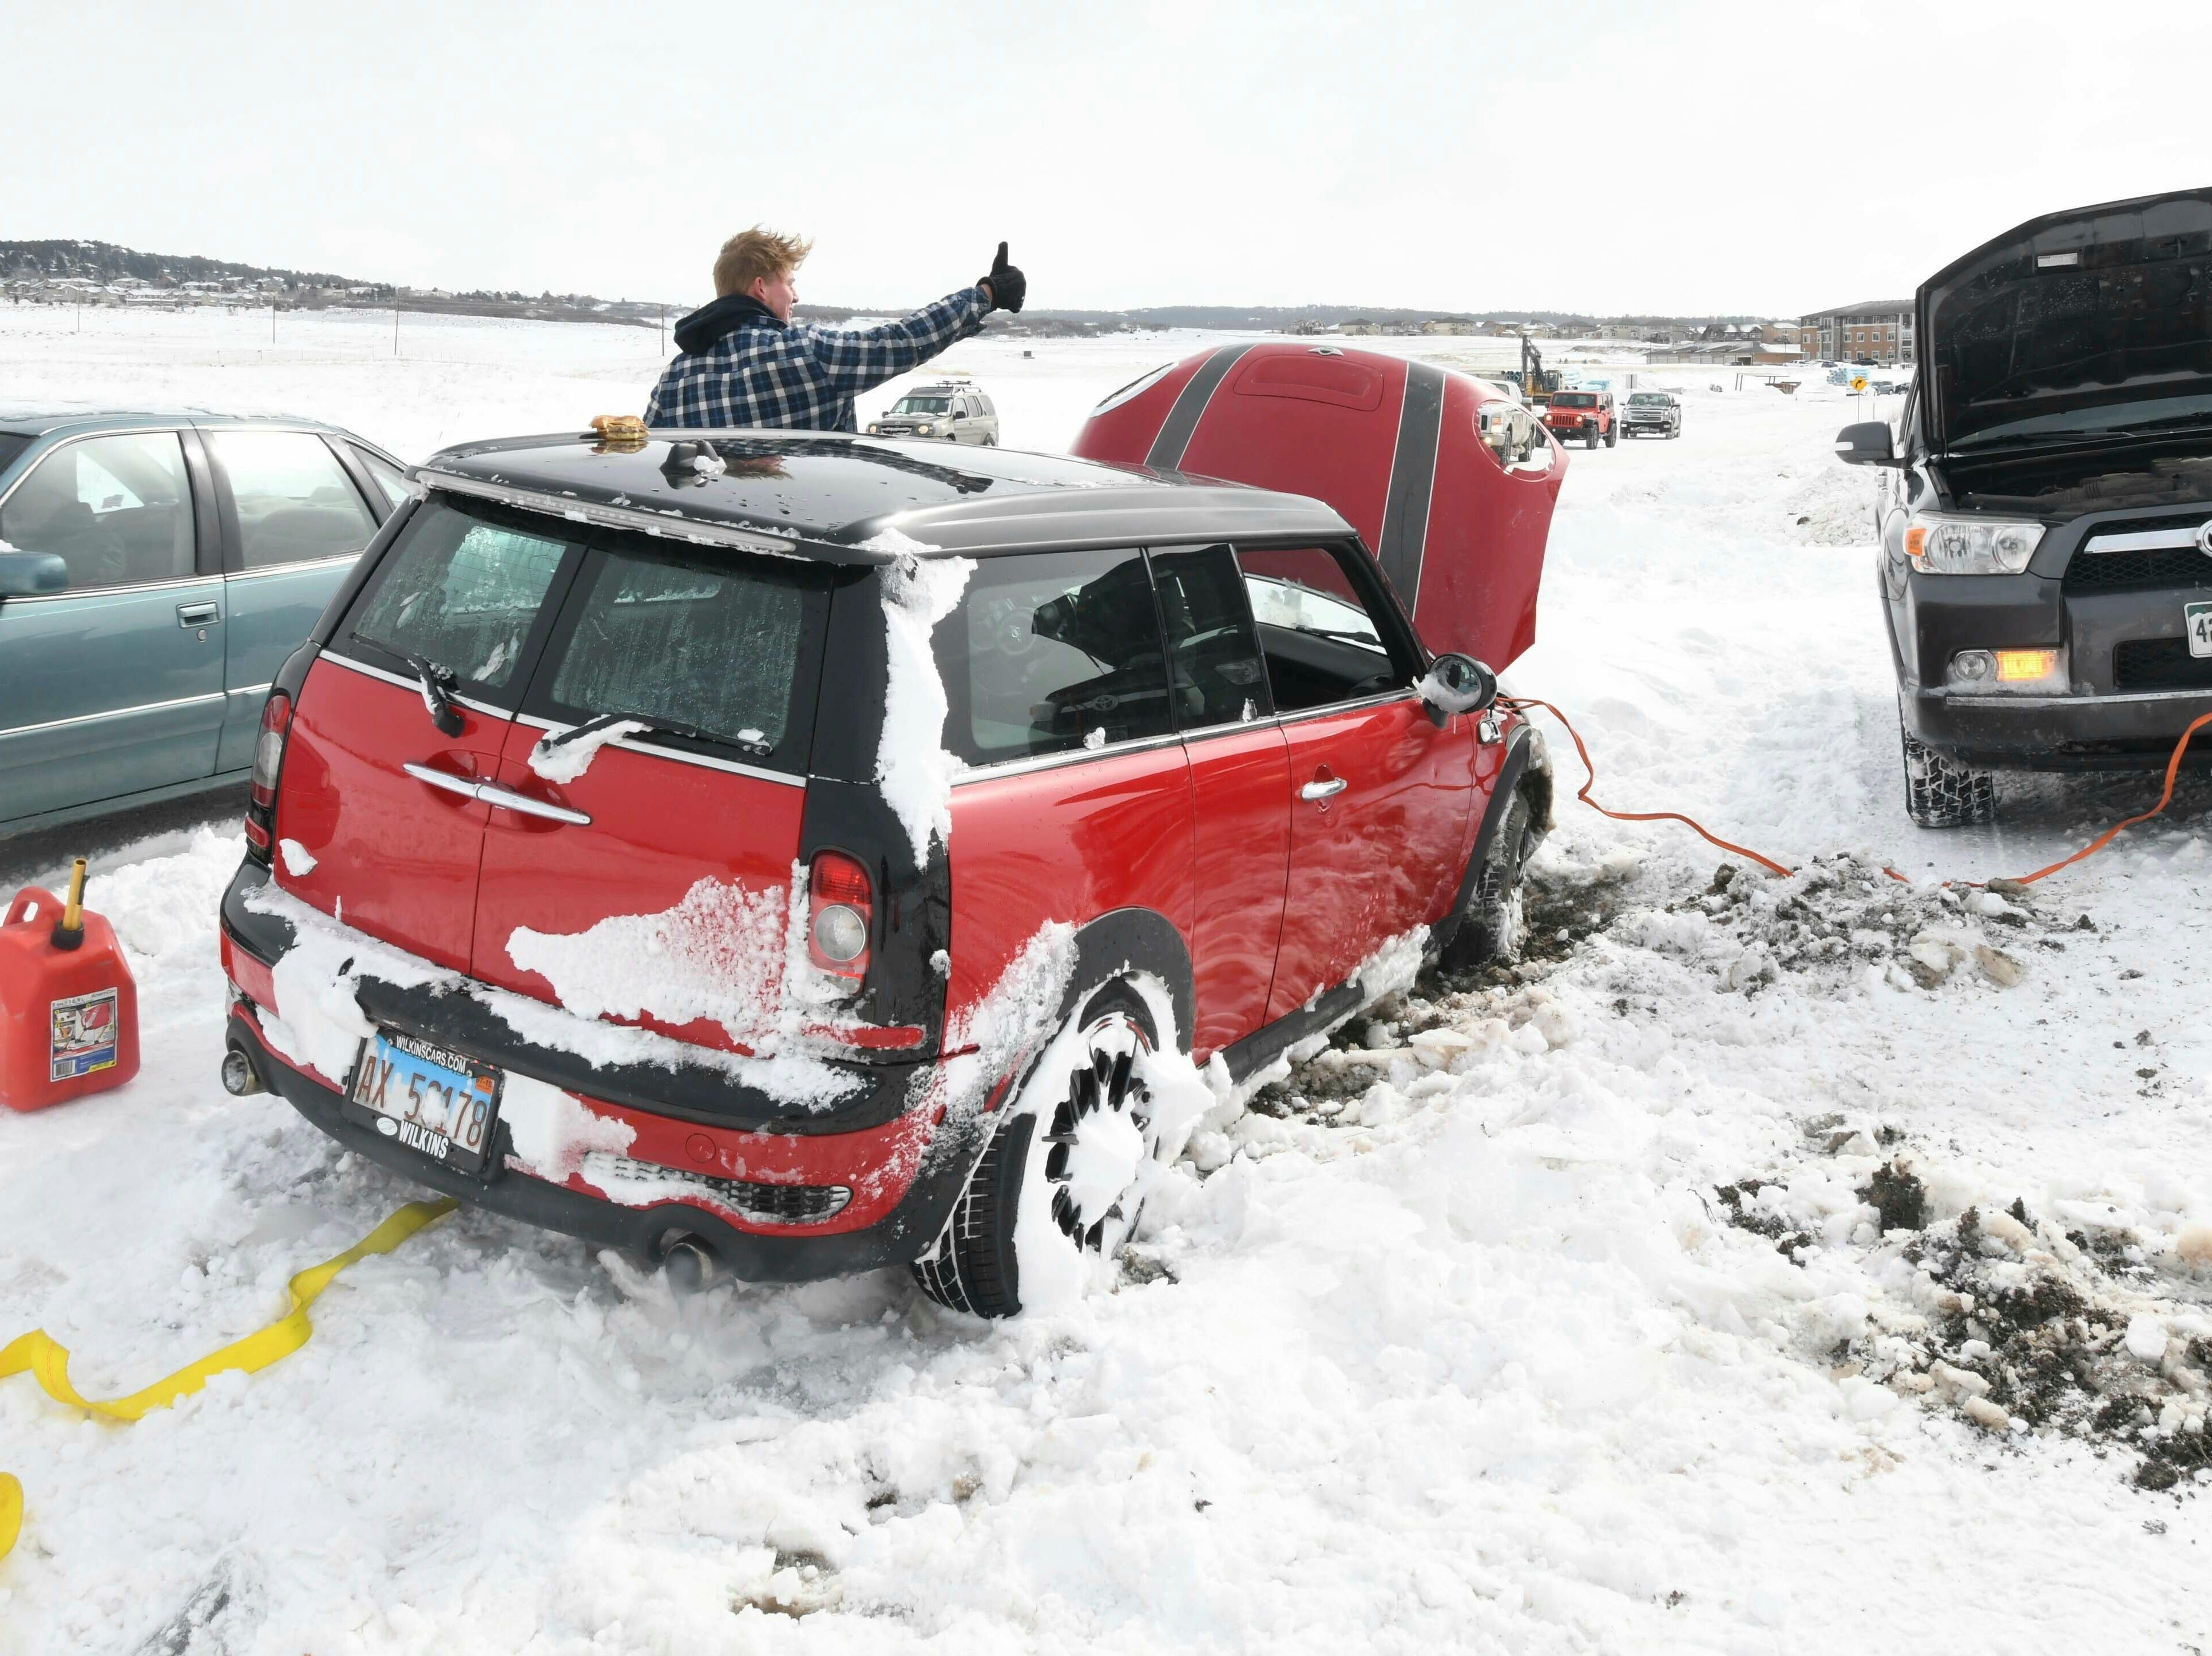 Keith Sparks le indica a su amigo, Steve Behrends, que su automóvil arrancó en una carretera exterior a la I-25 cerca de Monument, Colorado, el jueves 14 de marzo de 2019. Una tormenta de nieve que paralizó partes de Colorado y Wyoming se precipitó hacia el medio oeste el jueves, trayendo condiciones de blanqueo al oeste de Nebraska y arrojando fuertes lluvias que provocaron evacuaciones en comunidades más al este.